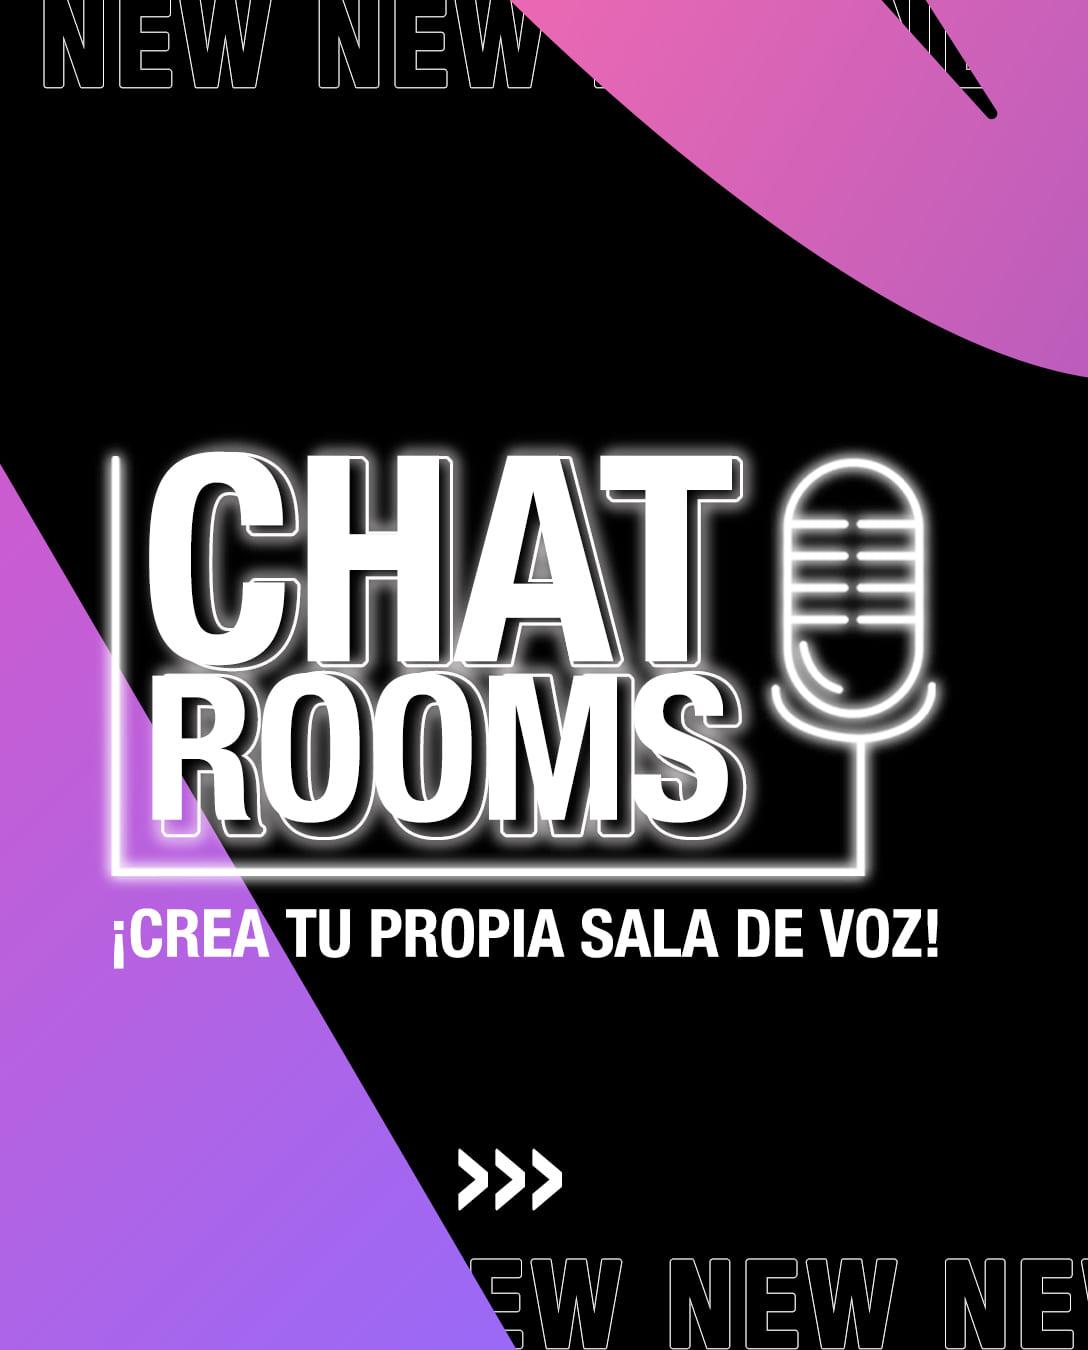 Logo de chat rooms, la nueva funcionalidad de la app Blued